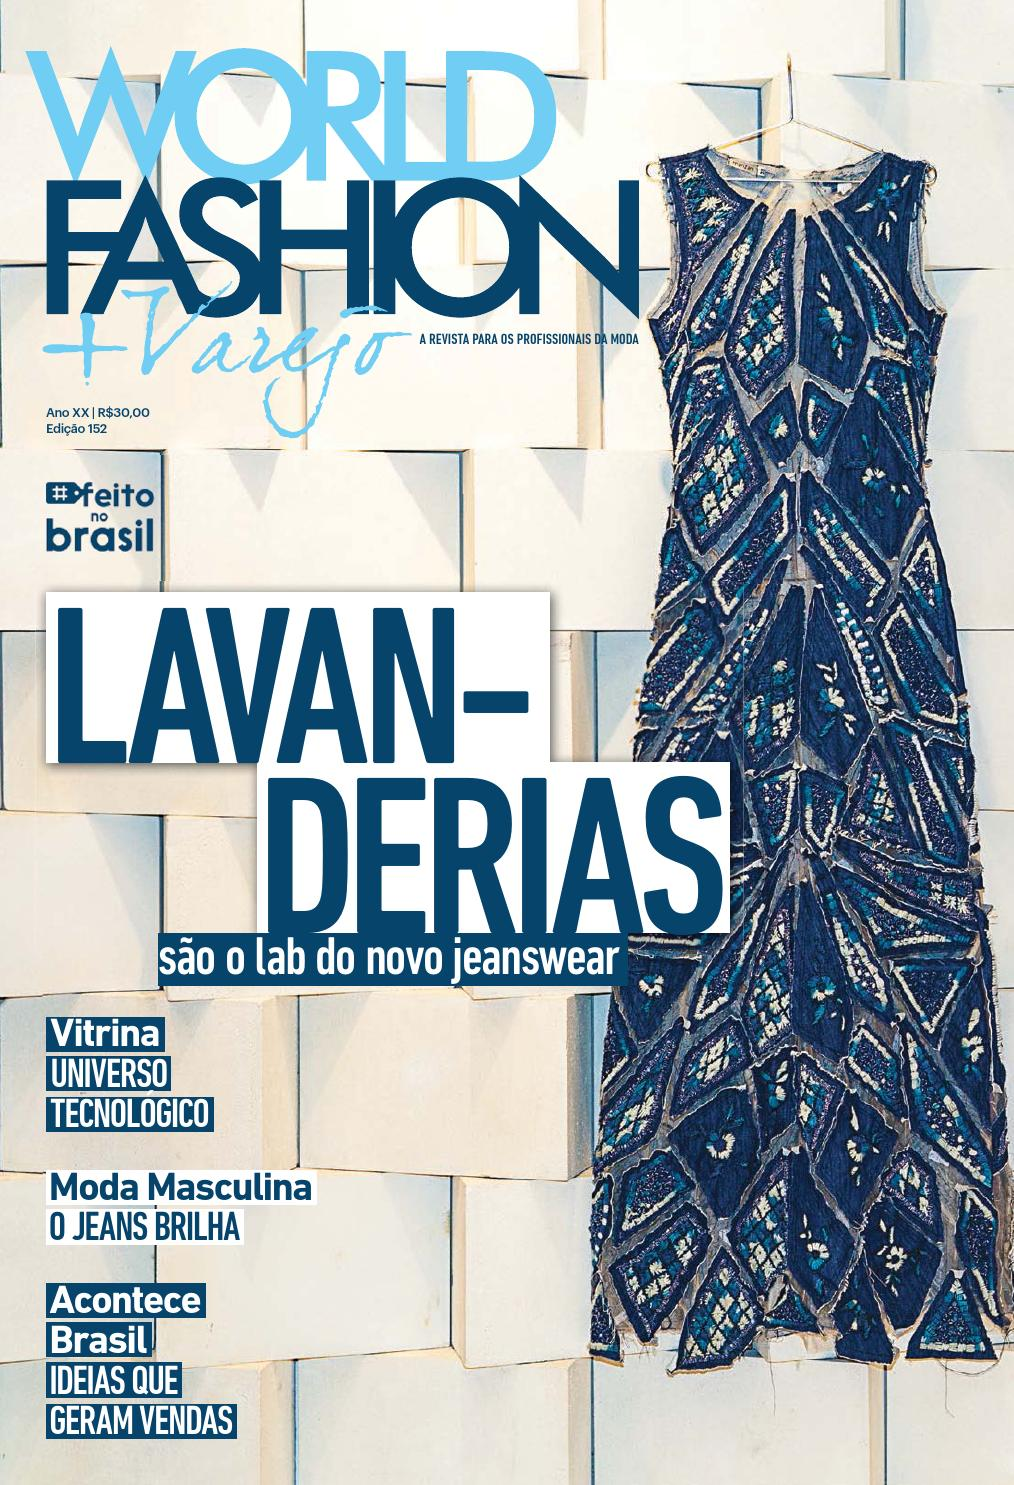 WorldFashion edição 152 by World Fashion - issuu 43c8875712eb8